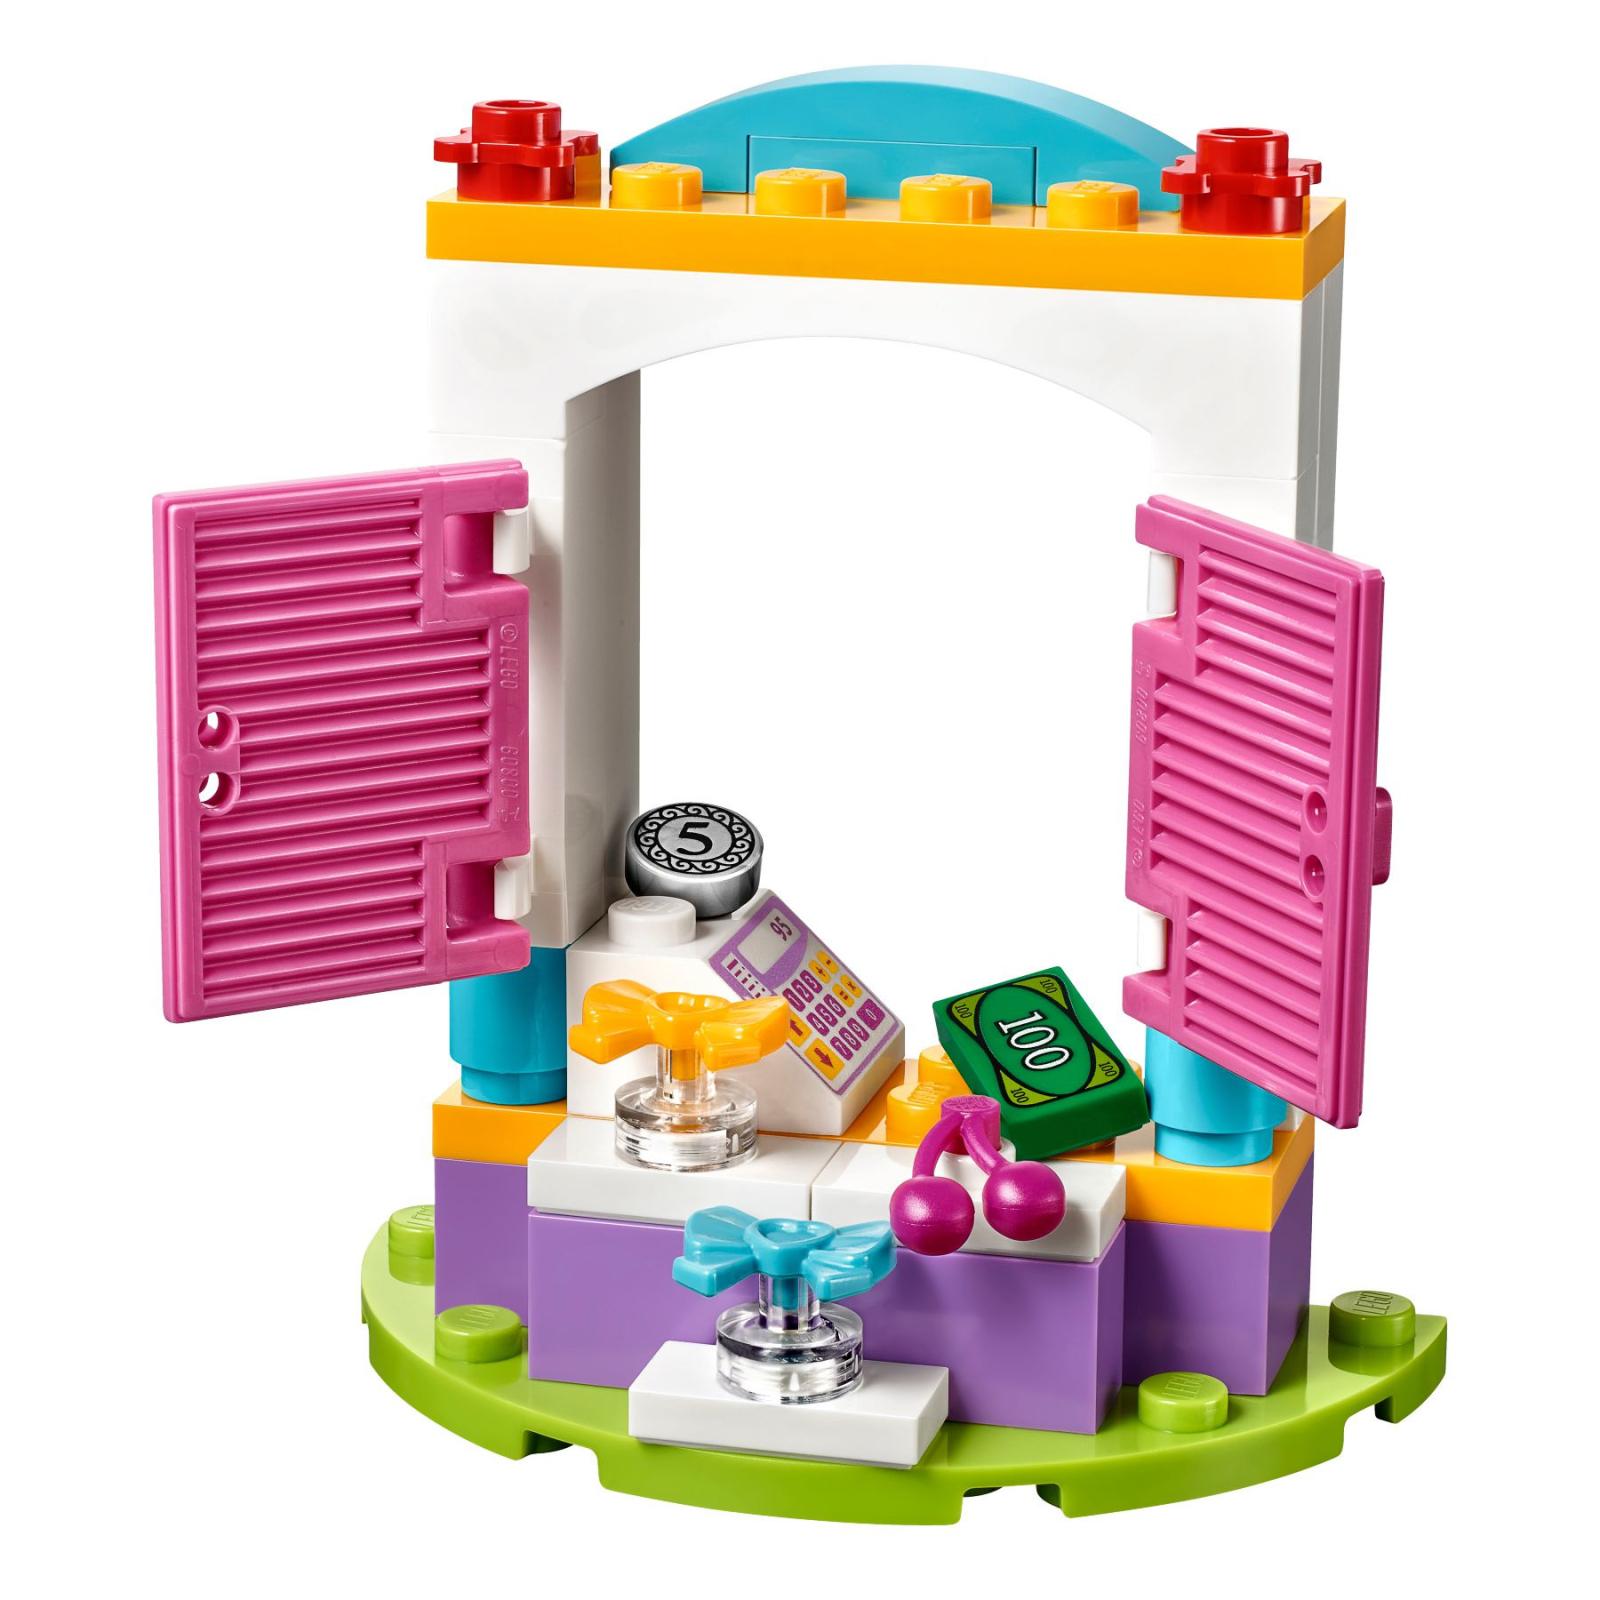 Конструктор LEGO Friends День рождения: магазин подарков (41113) изображение 3